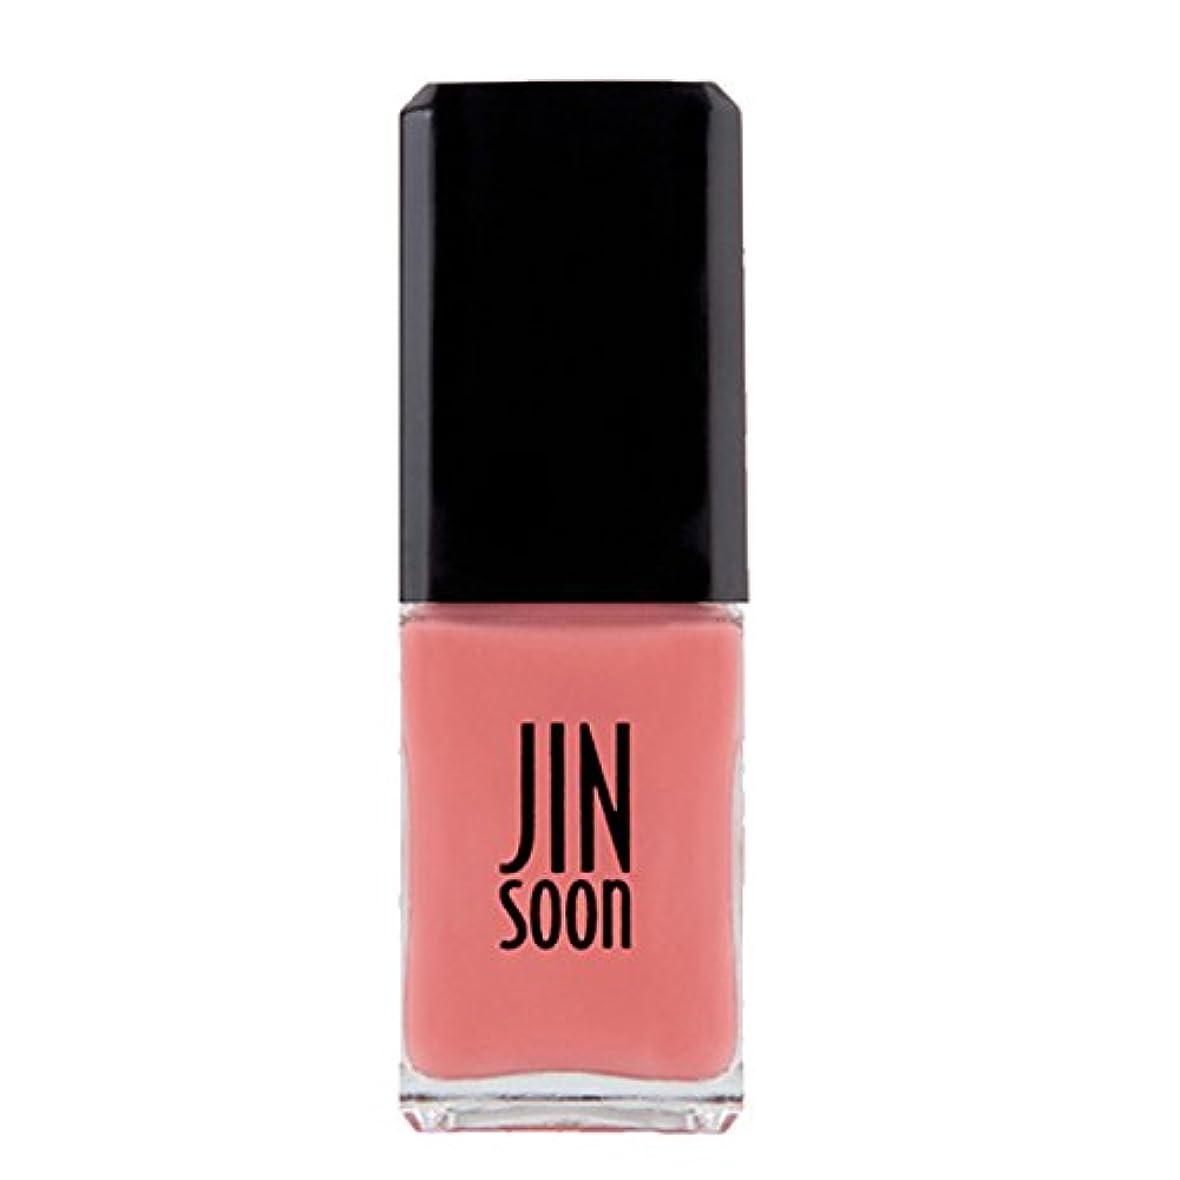 博物館努力ヘビー[ジンスーン] [ jinsoon] ティーローズ(ライト コーラル)TEA ROSE ジンスーン 5フリー ネイルポリッシュ ピンク 11mL